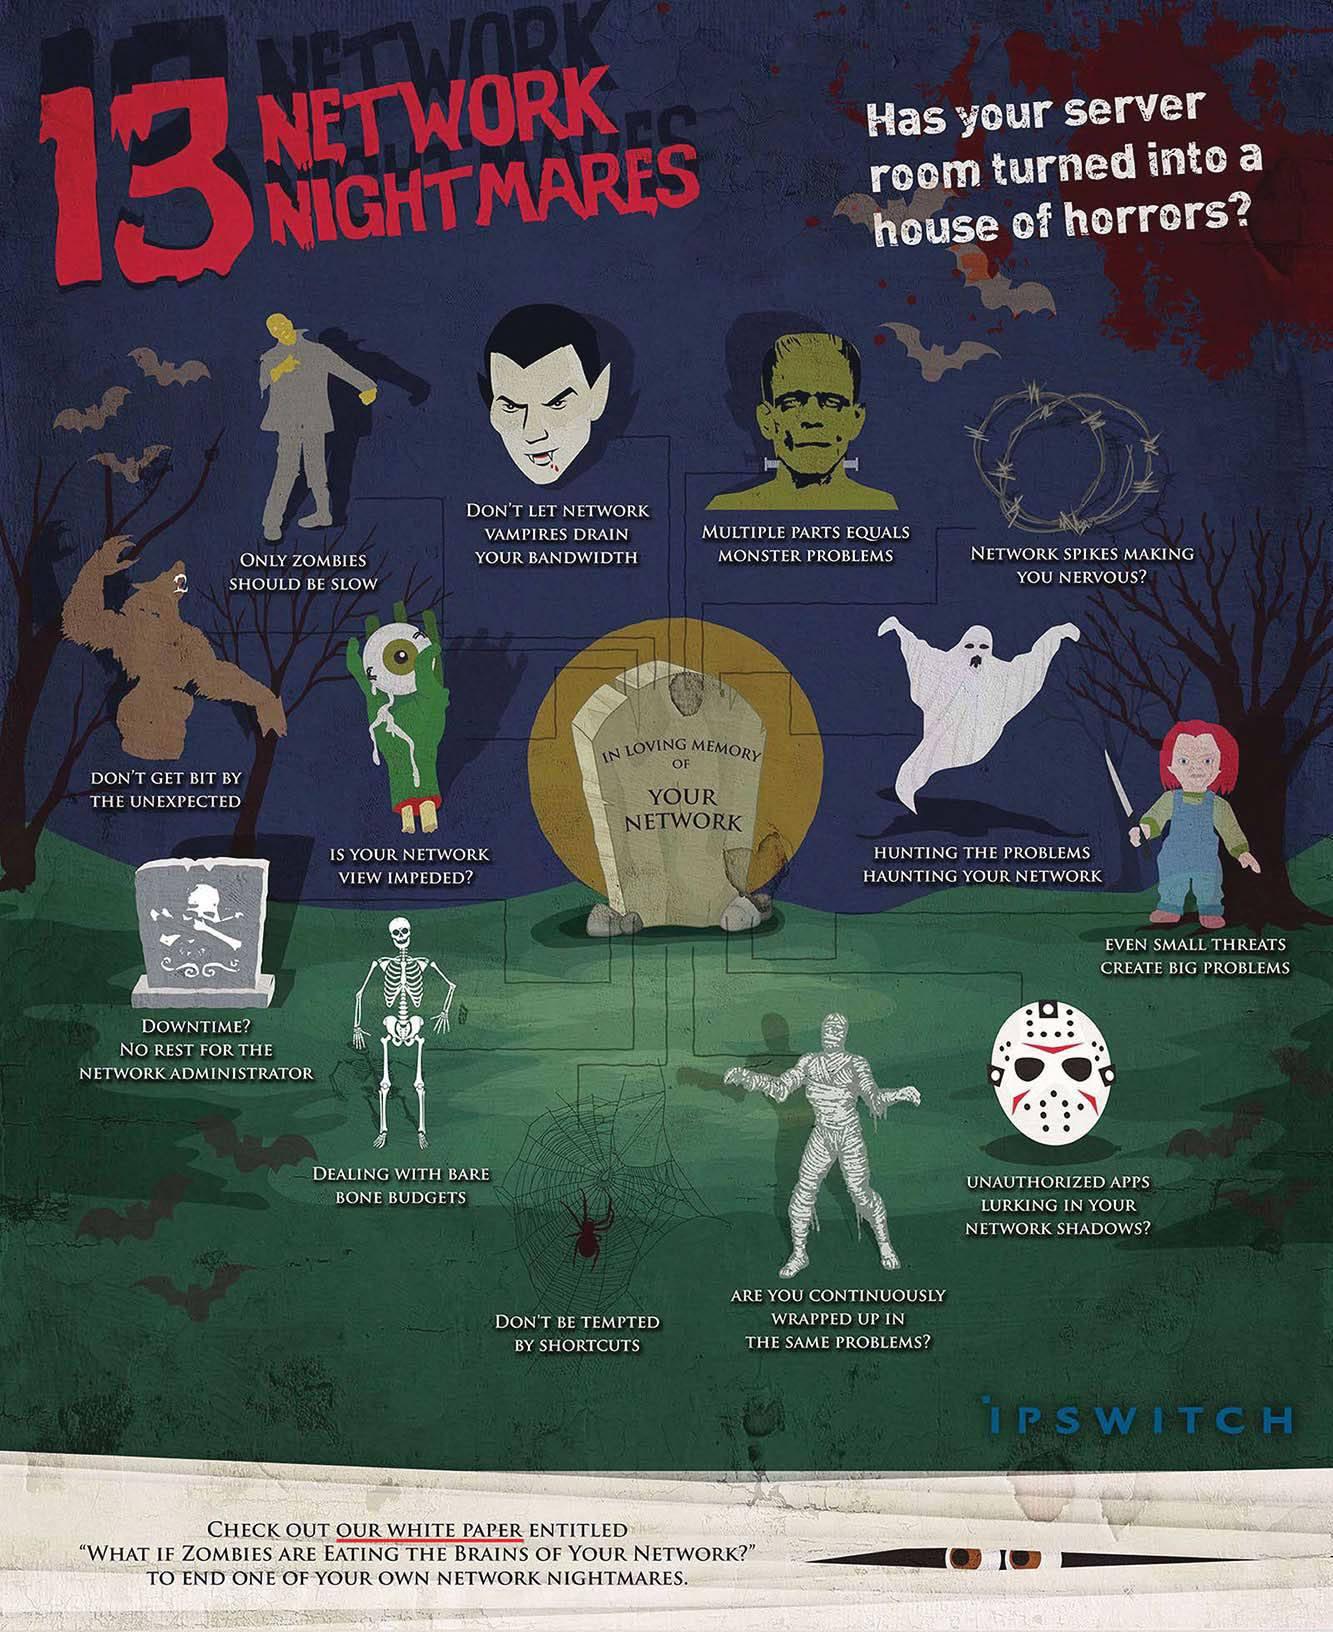 Halloween-Network-Nightmares_Ipswitch-2014